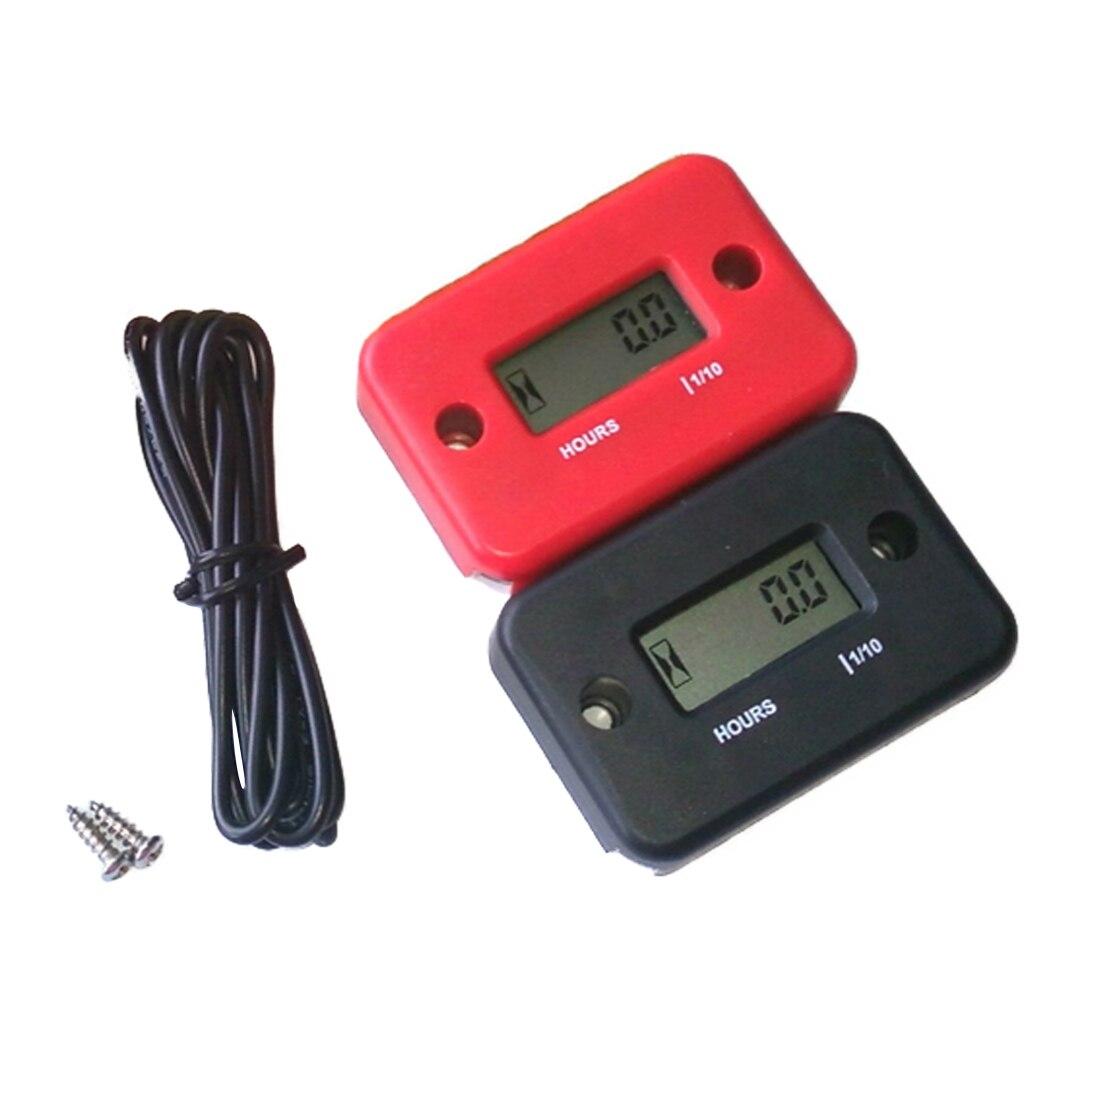 Digital Engine Hour Meter Inductive Waterproof LCD Hourmeter for Motorcycle  Dirt Bike Marine ATV Snowmobile